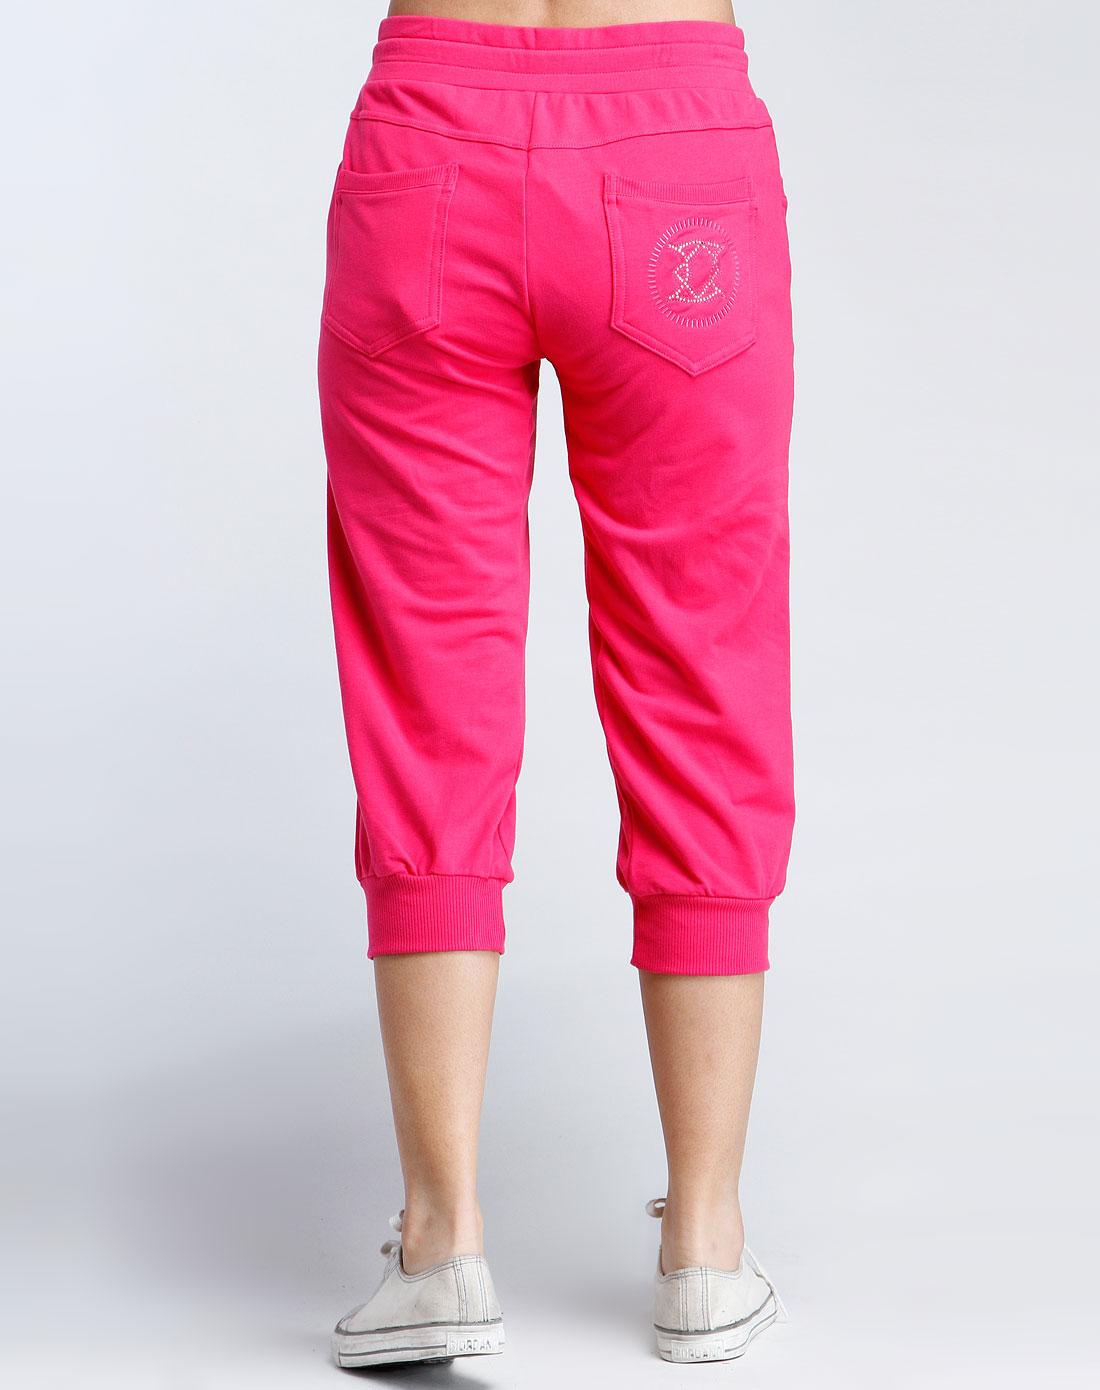 洋红色休闲针织七分裤